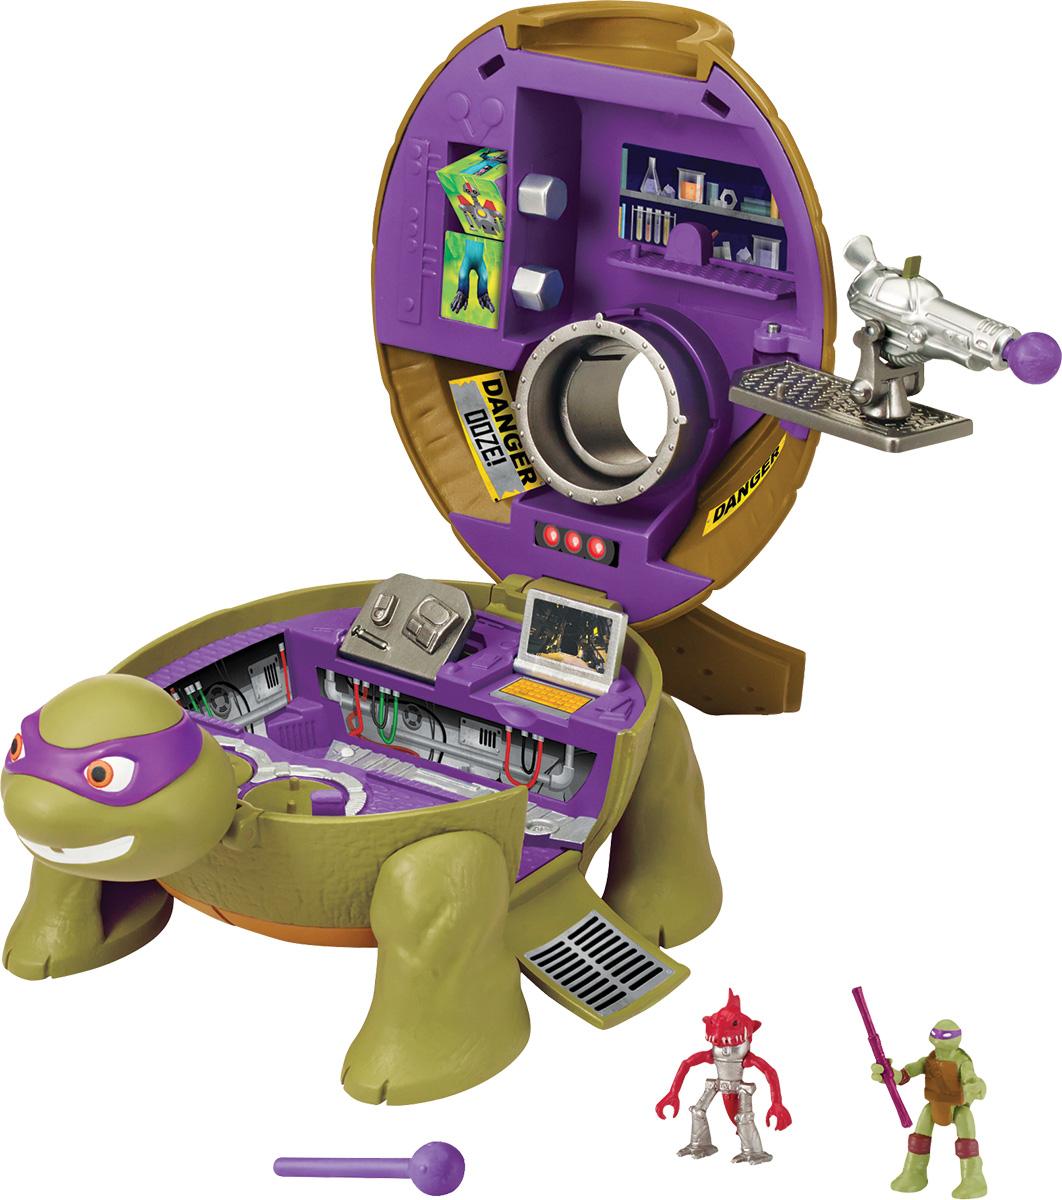 Черепашки Ниндзя Игровой набор Лаборатория Донни черепашки ниндзя фигурка волшебник донни